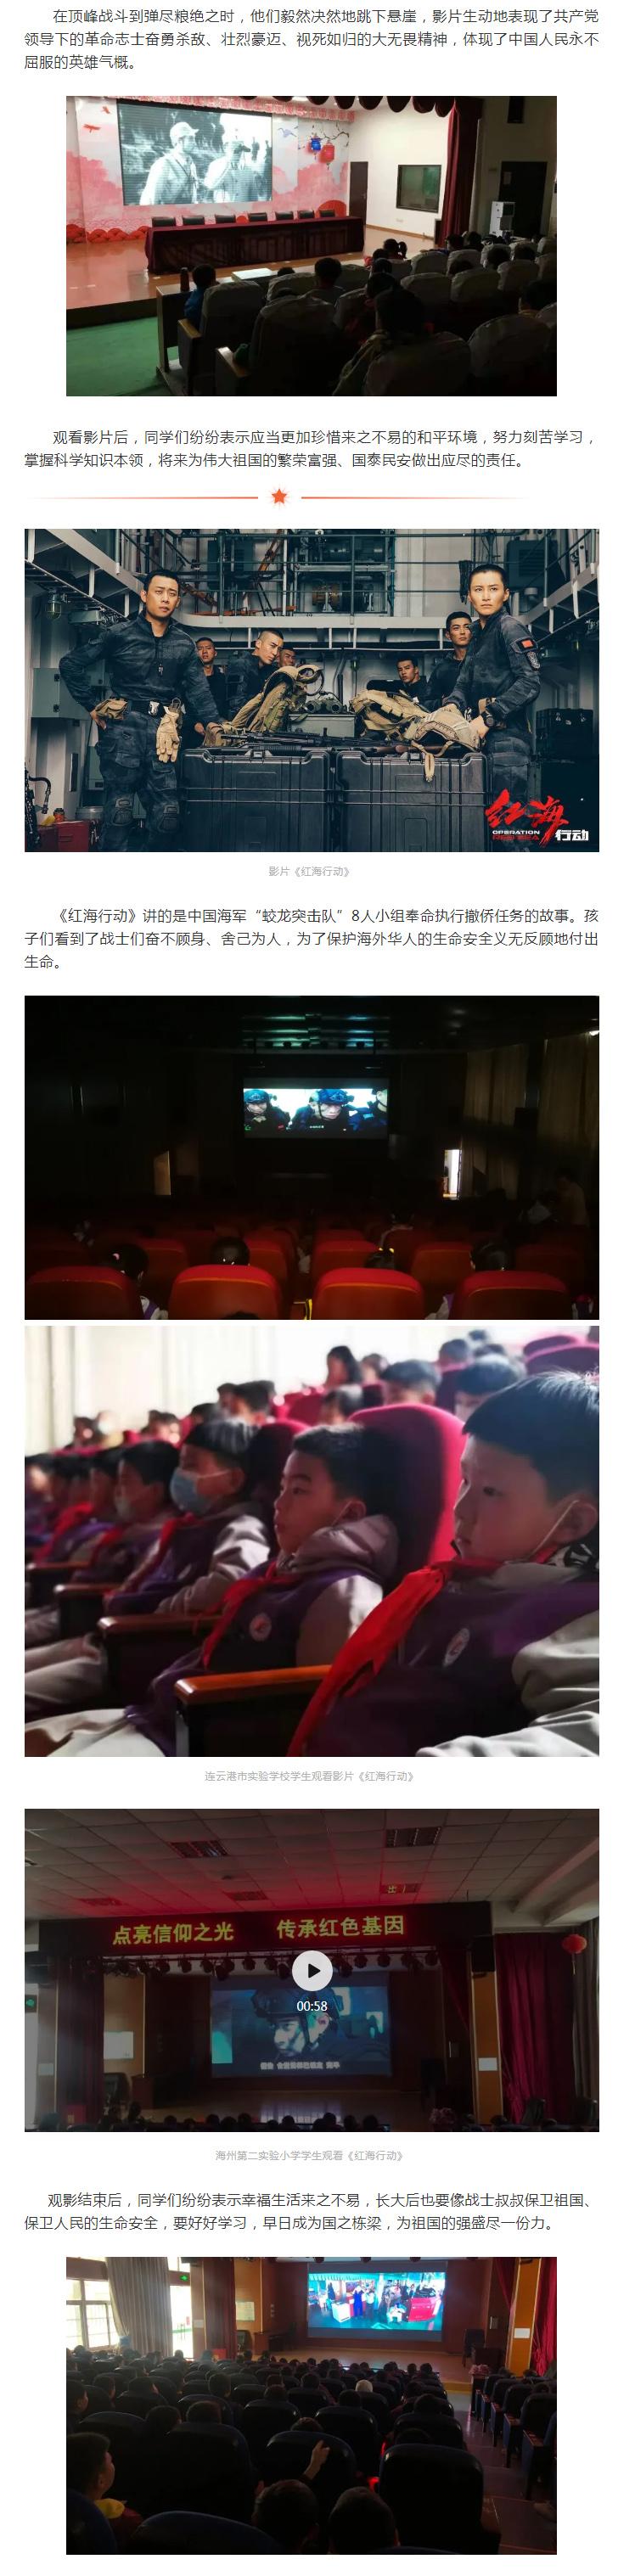 今天,我们一起看爱国主义电影!